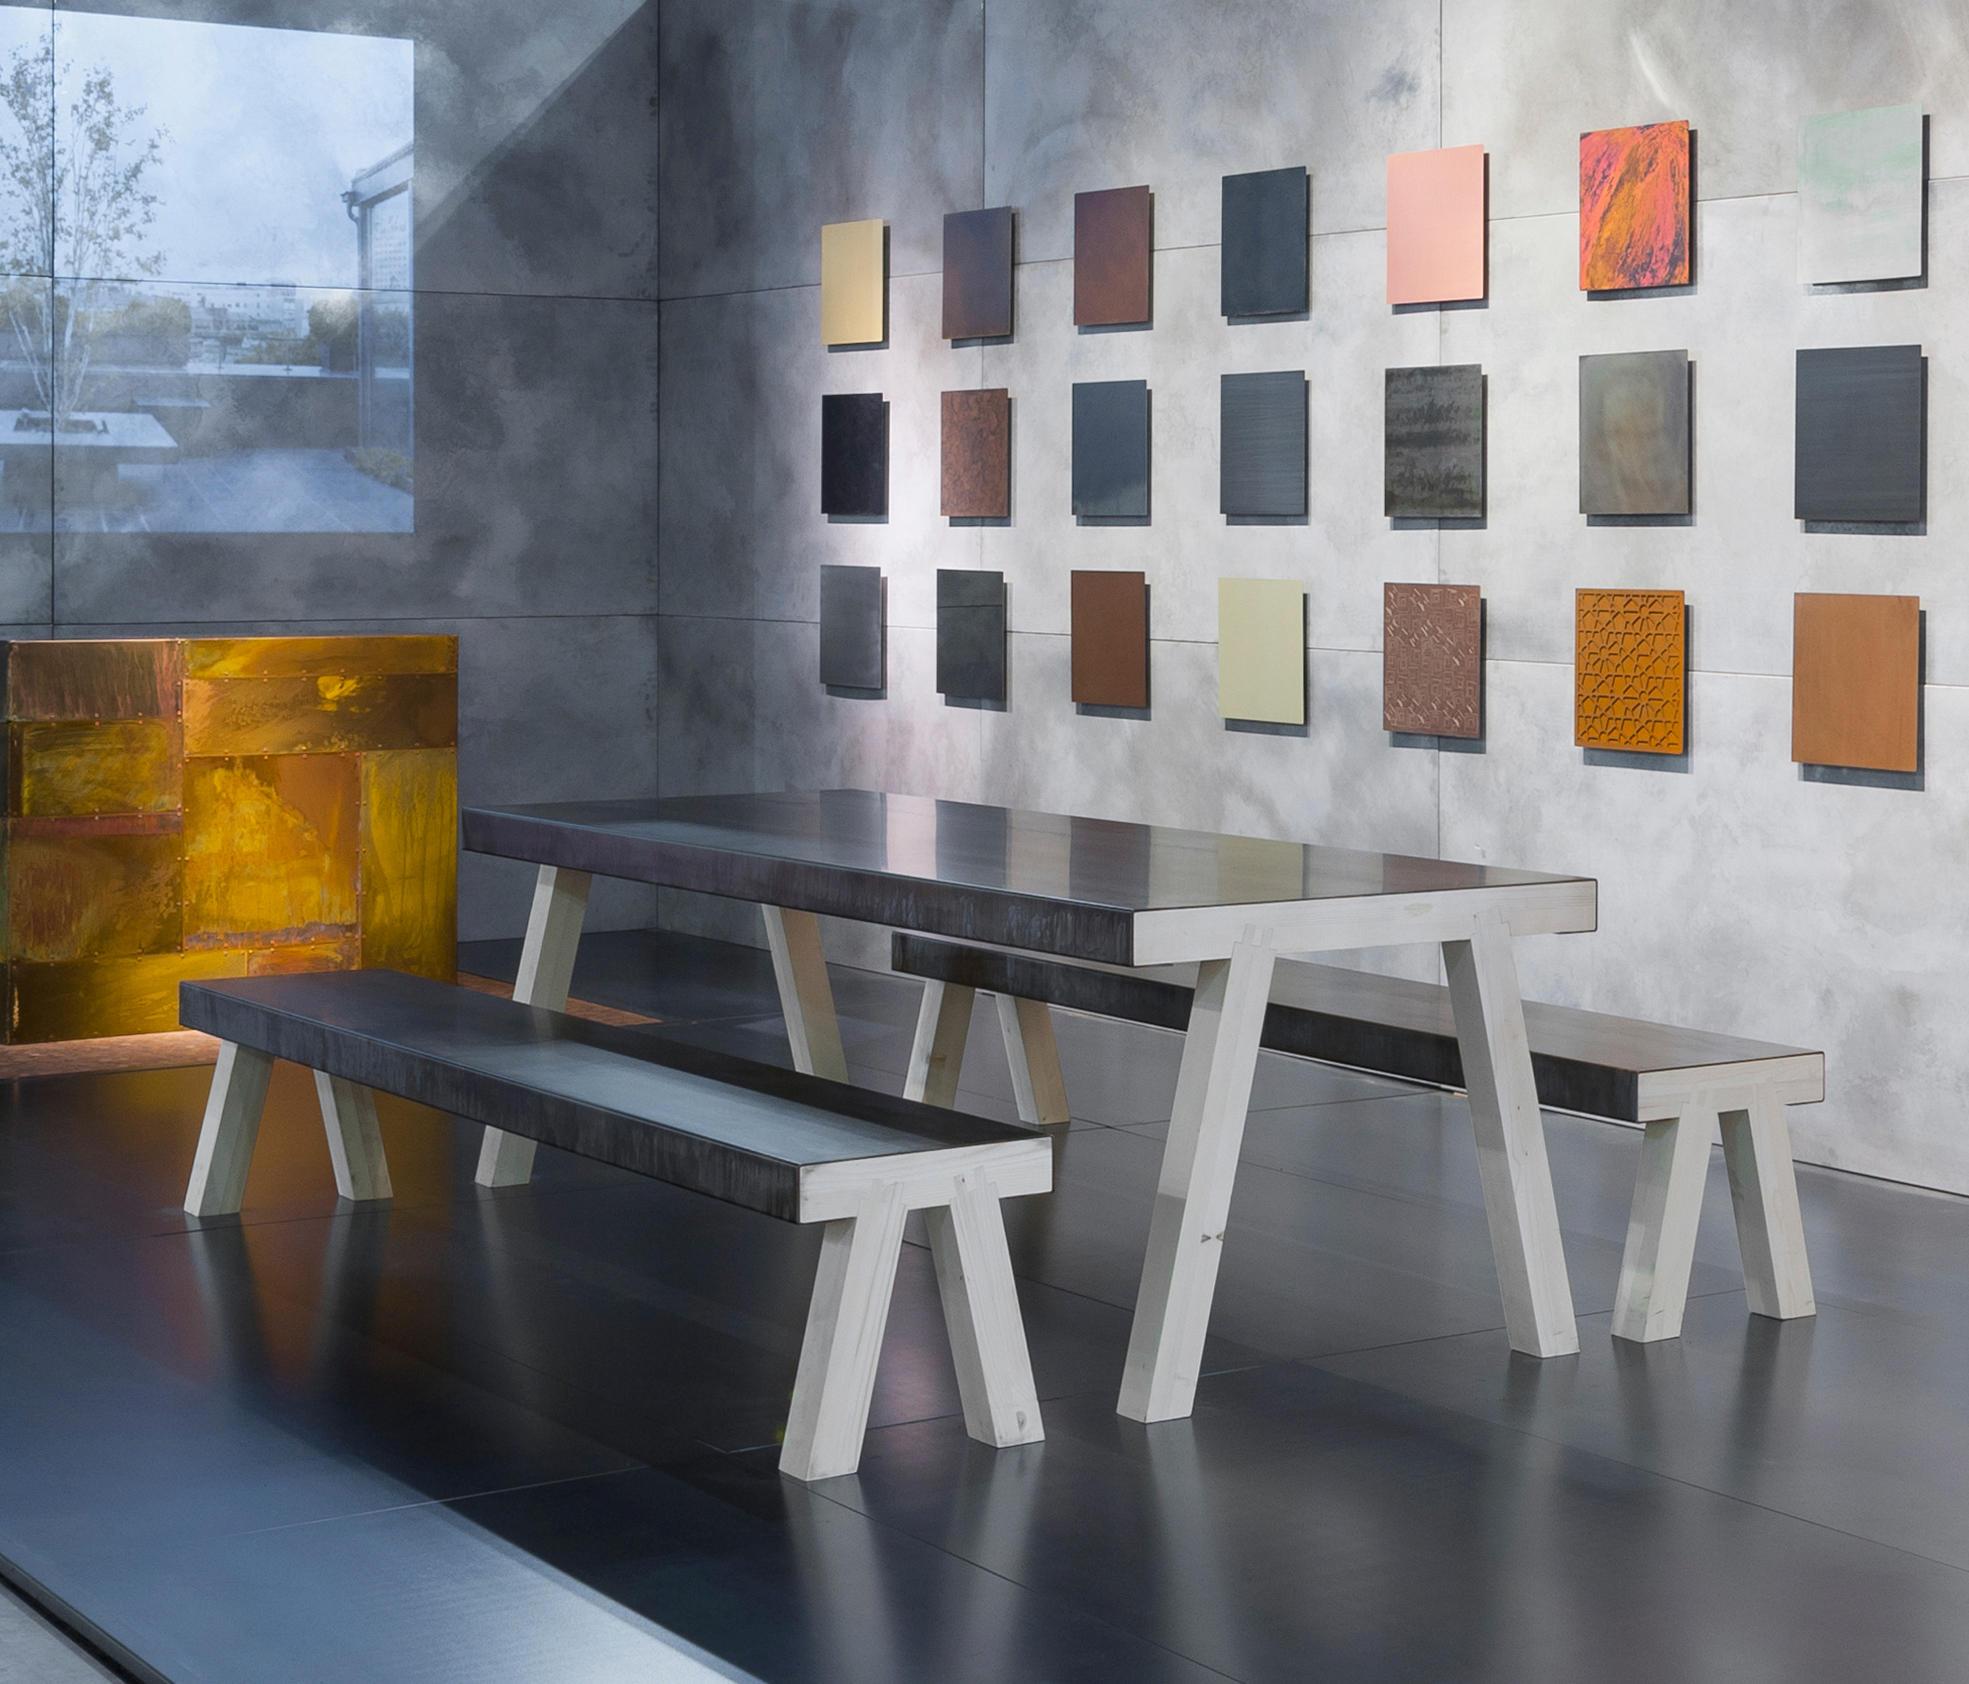 MASTRO - Tavoli da pranzo De Castelli | Architonic